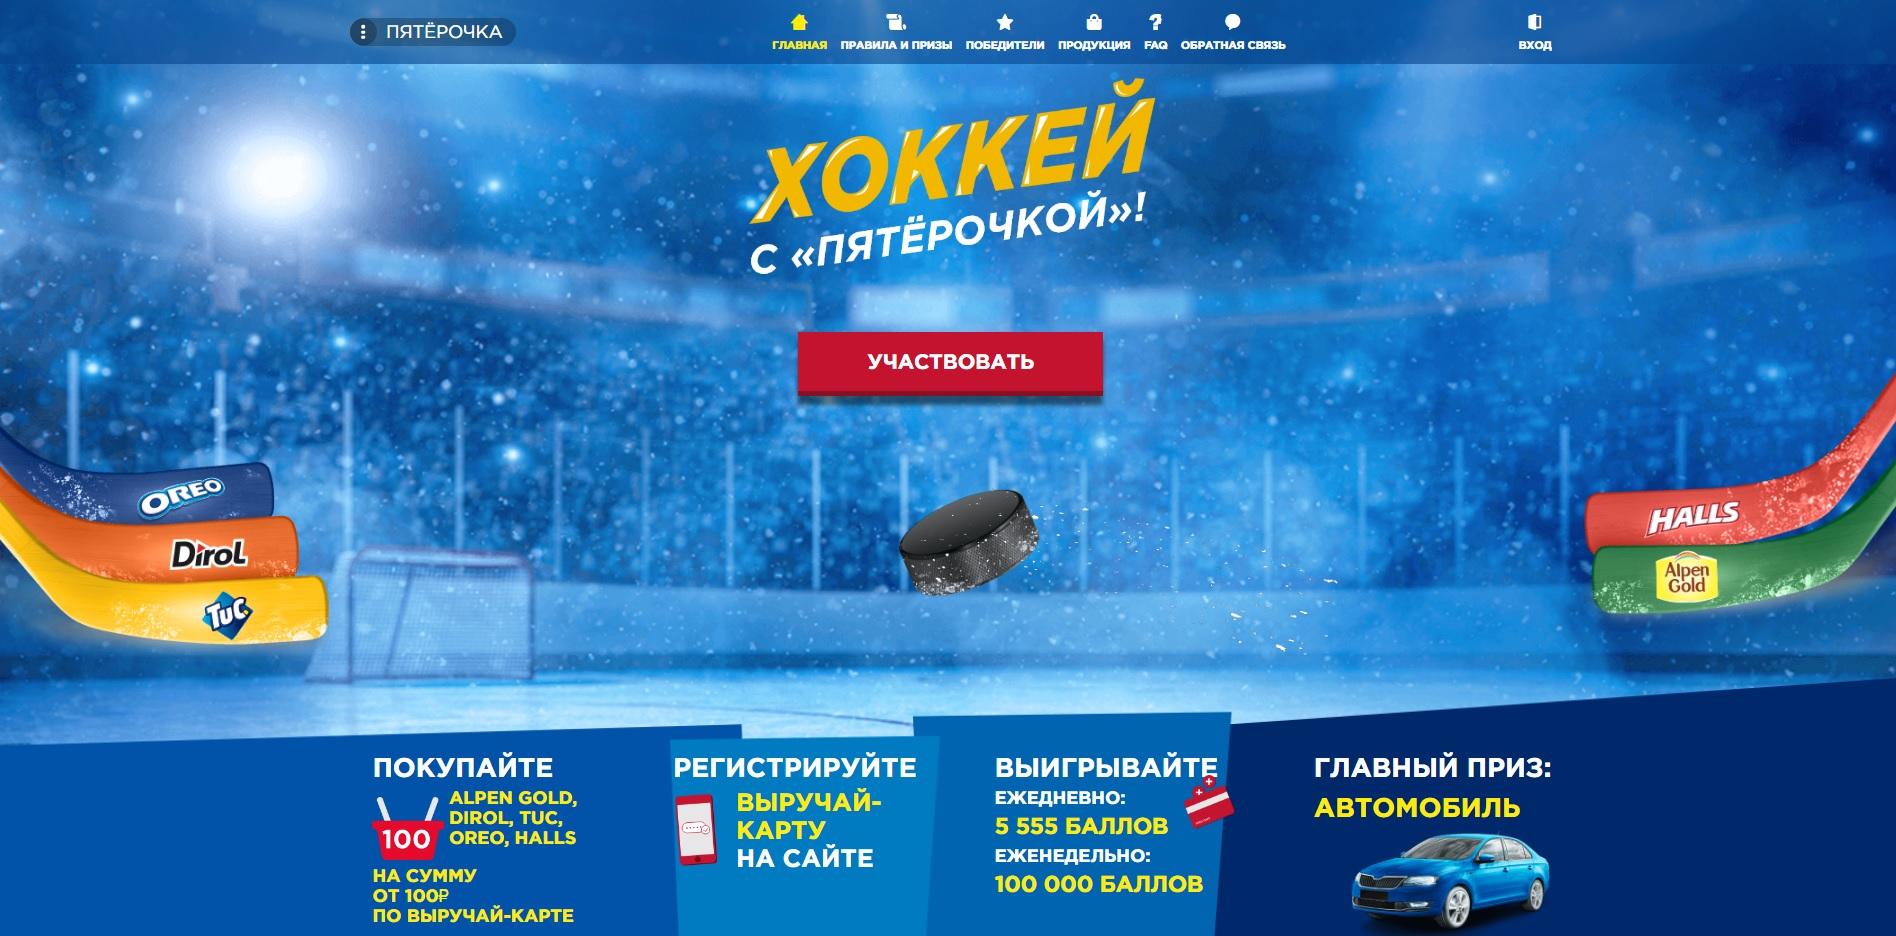 5ka.hockey.promo регистрация промо кода в 2019 году